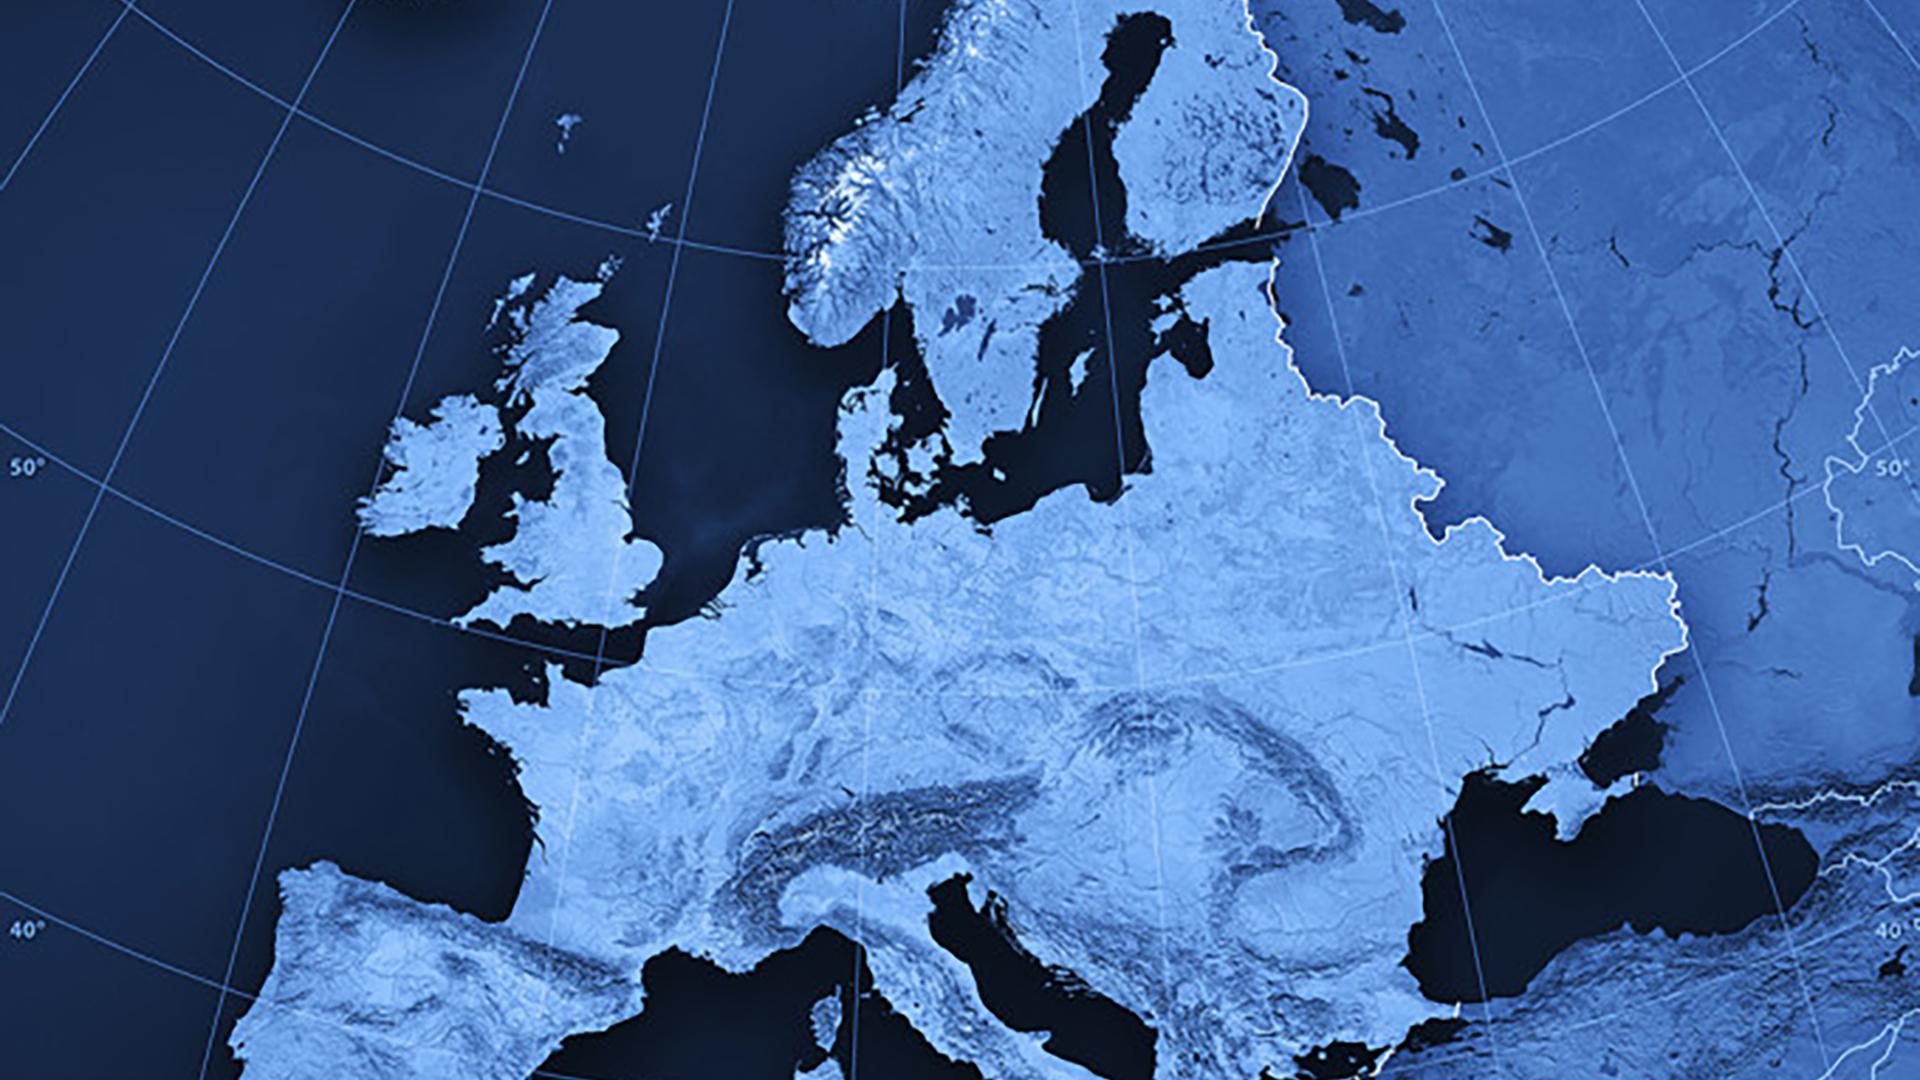 EU Commission draft UK Data Protection Adequacy Decision published